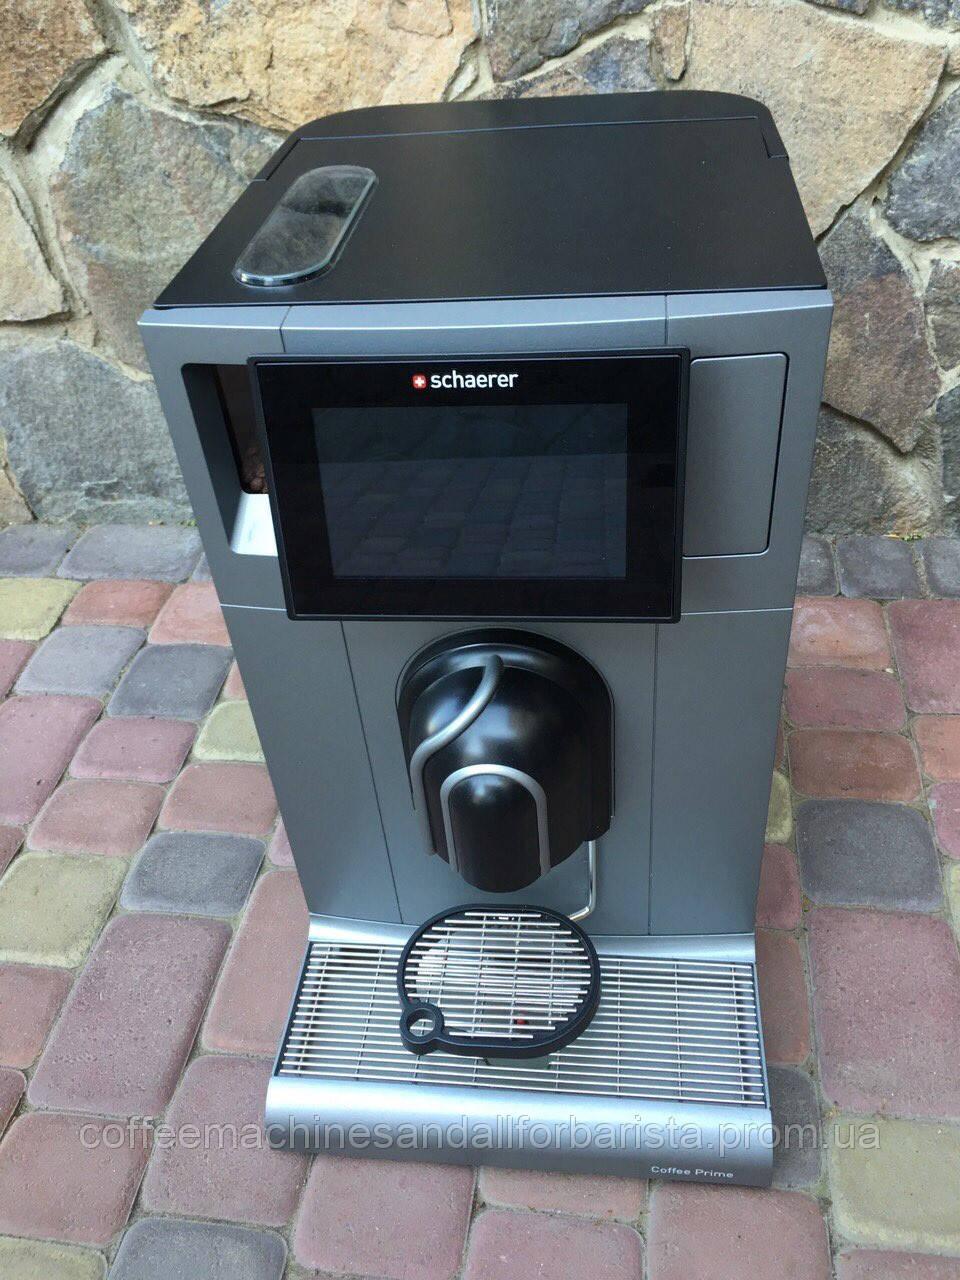 Кофемашина Schaerer Coffee Prime